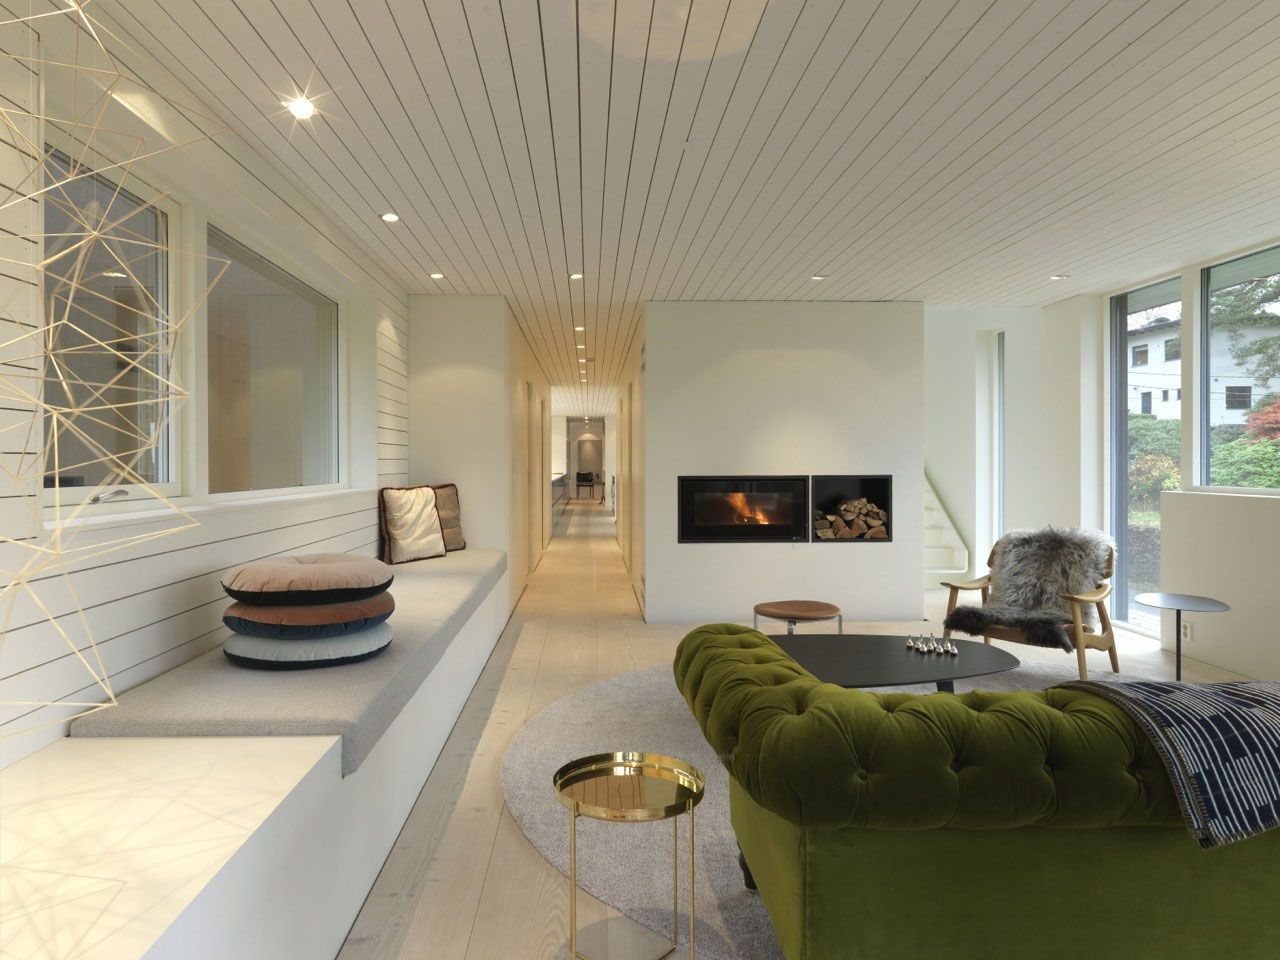 Villa-S-Saunders-Architecture-08